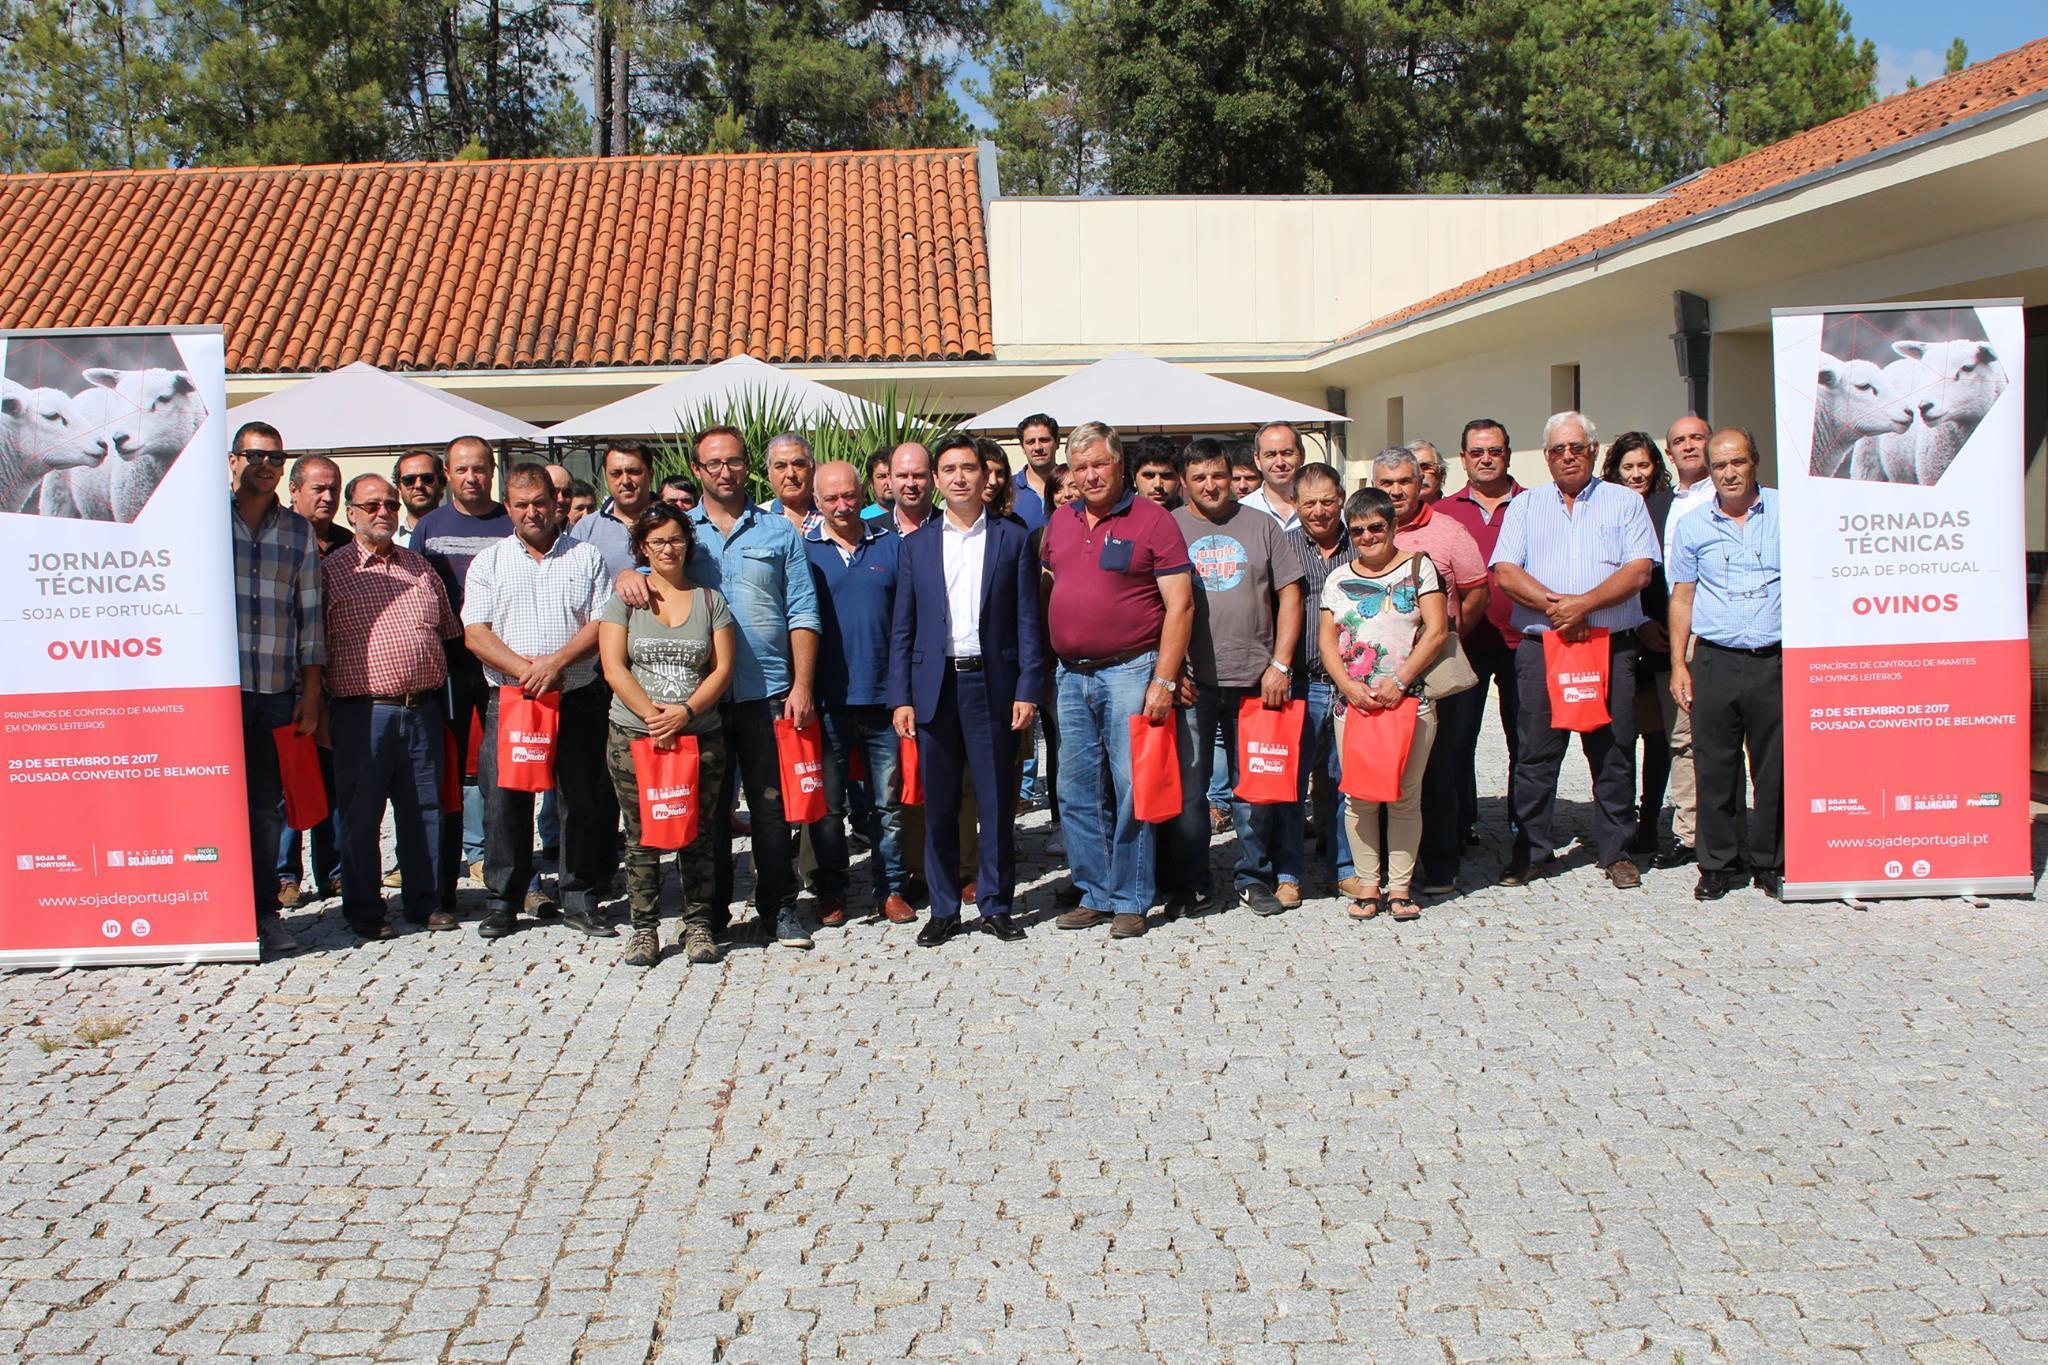 SOJAGADO e PRONUTRI organizam Jornadas de Ovinos em Belmonte